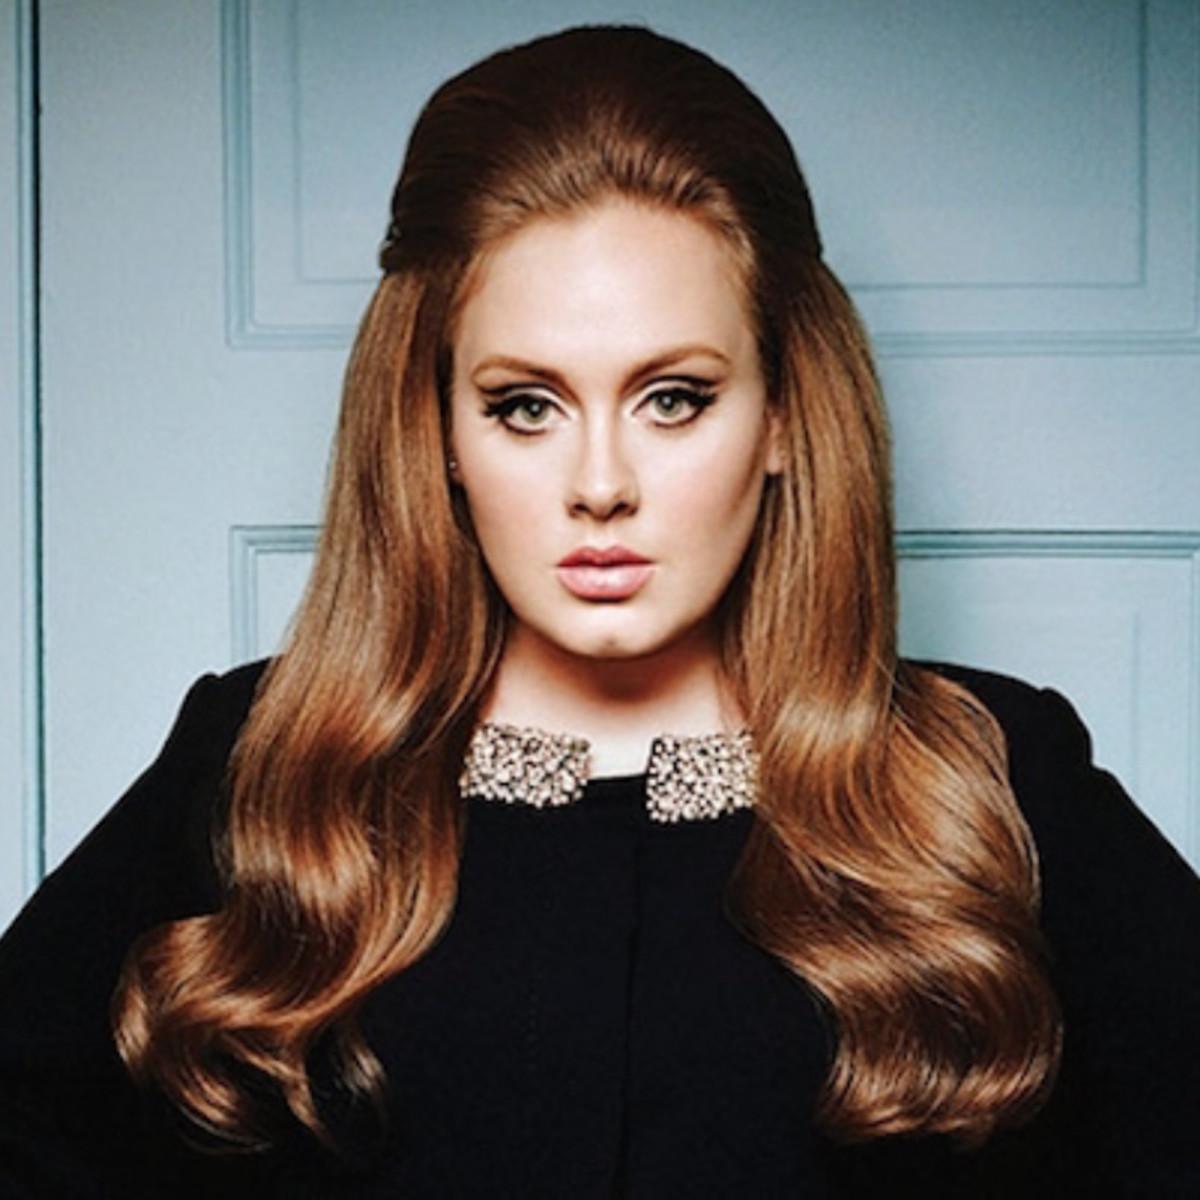 Adele promo photo